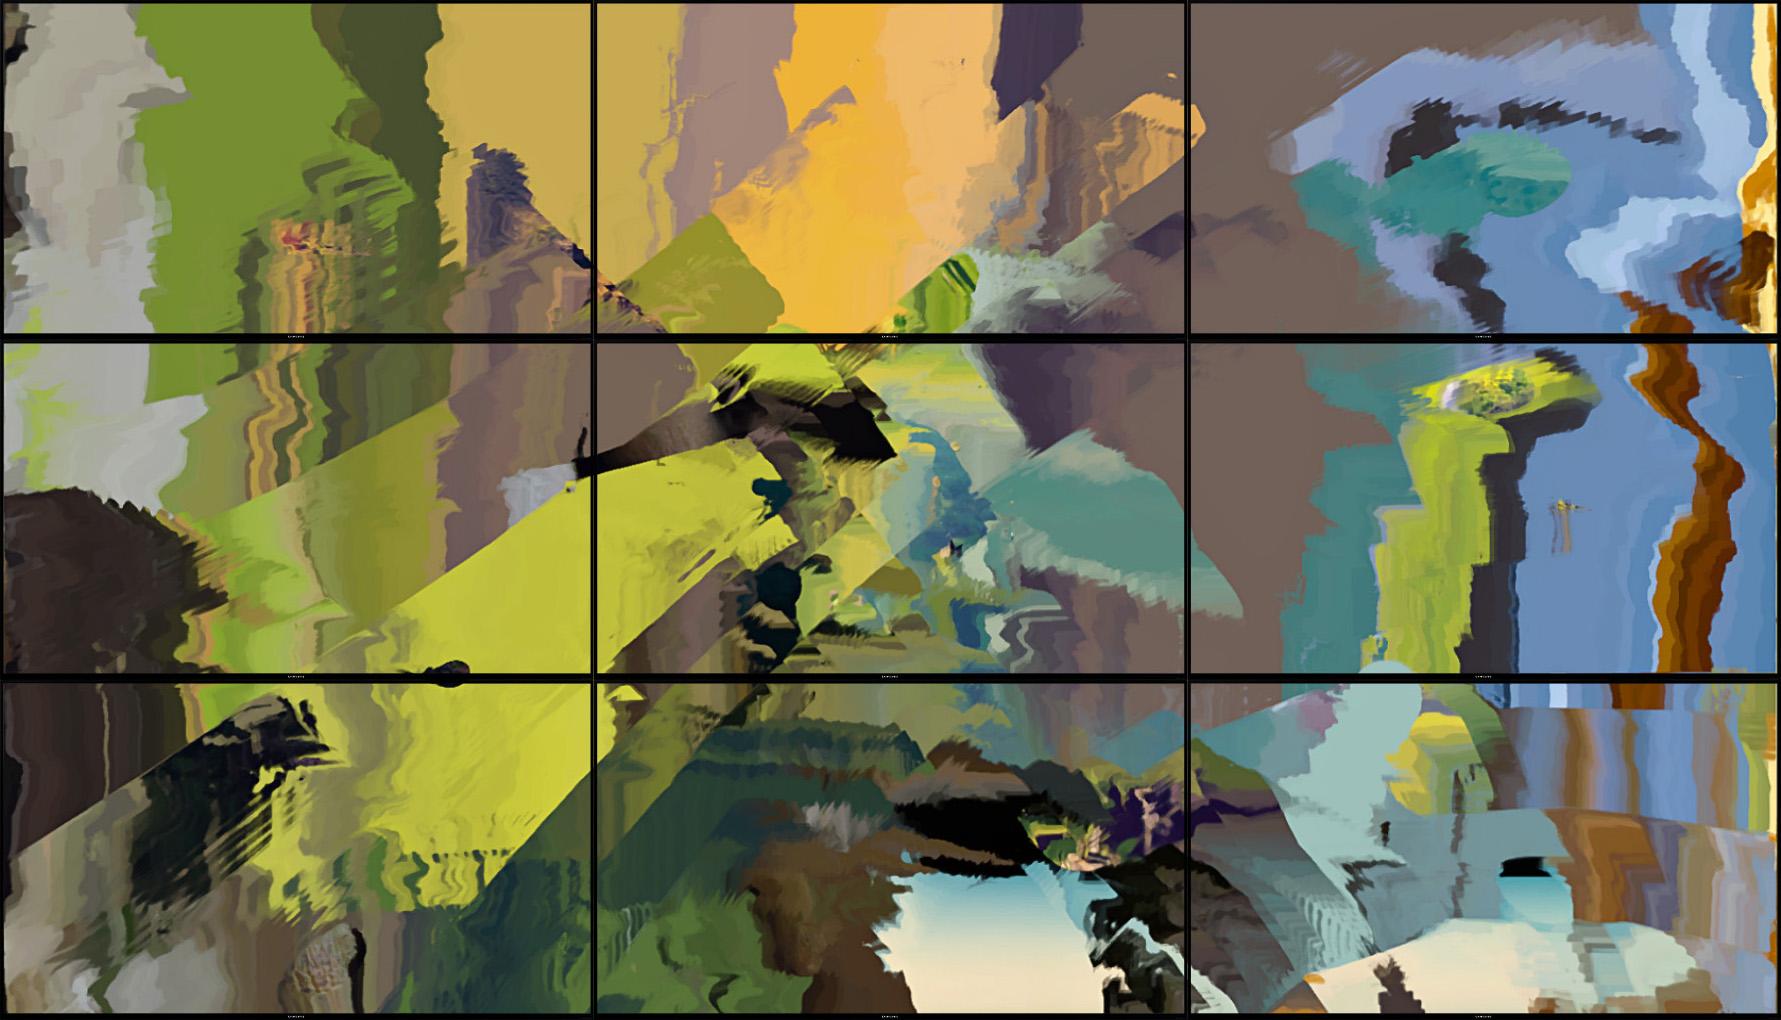 colorwheel 9_0000_cw_5.jpg